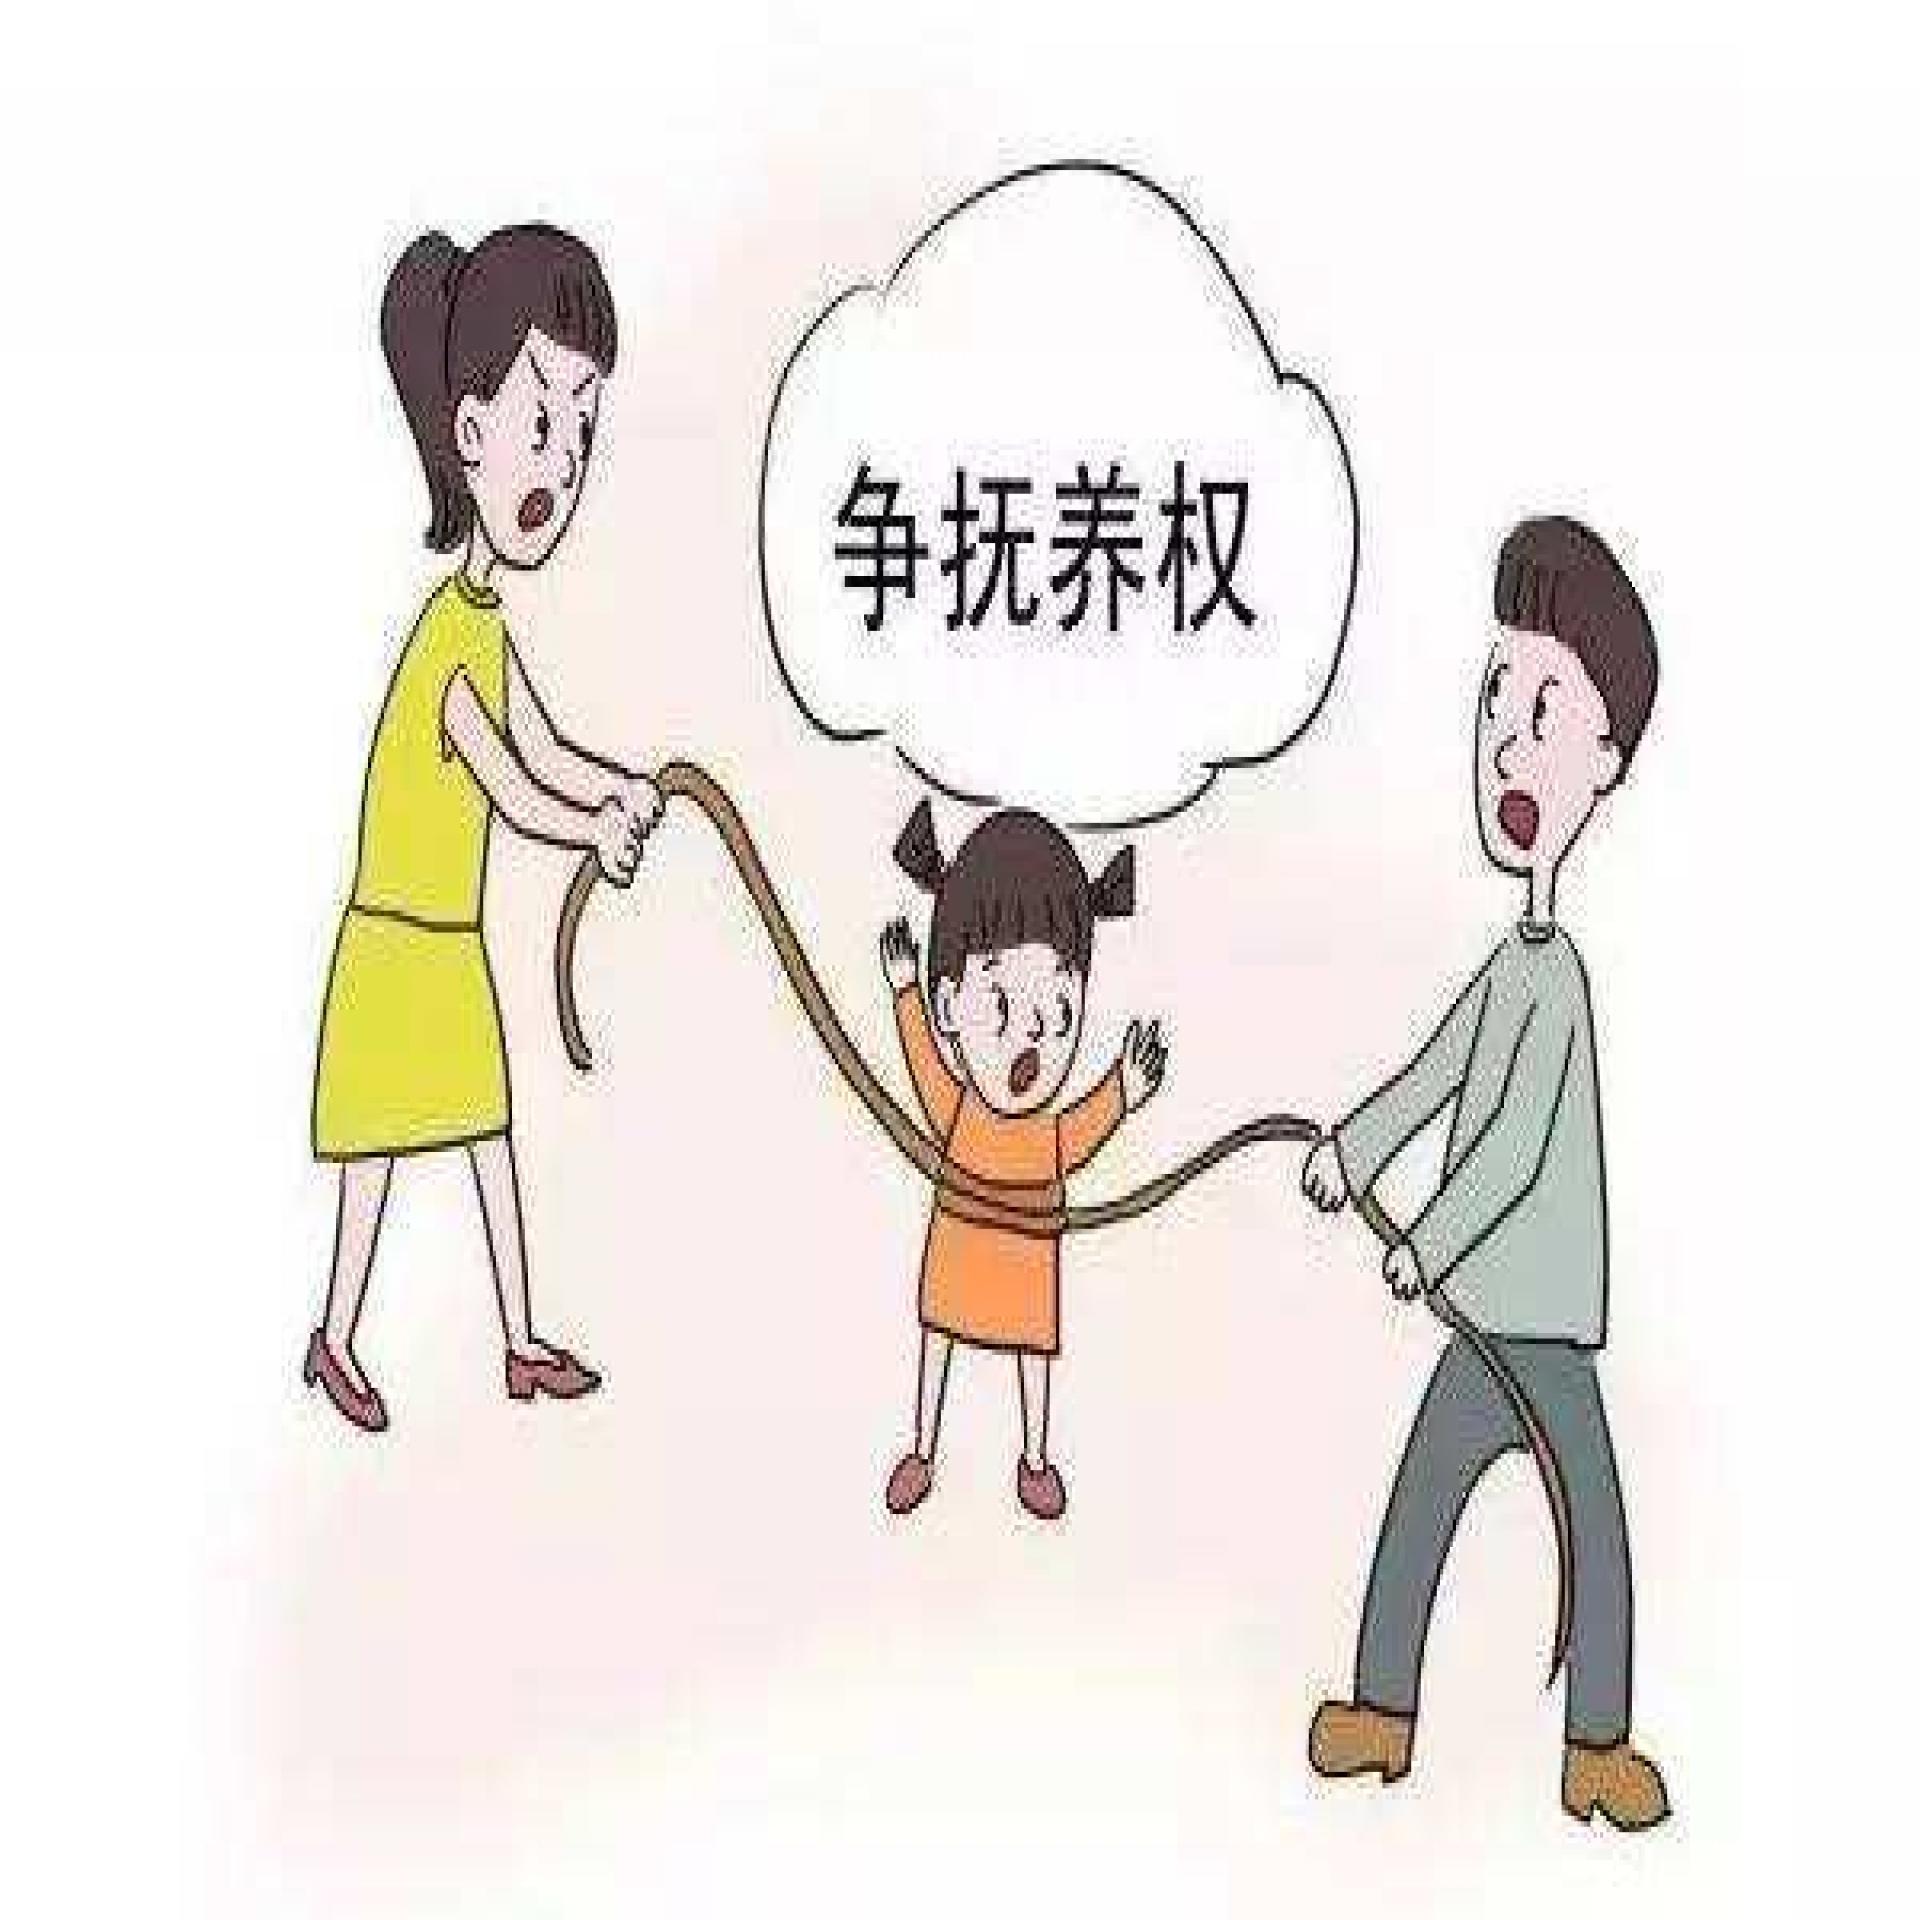 再婚能成为变更子女抚养权的理由吗